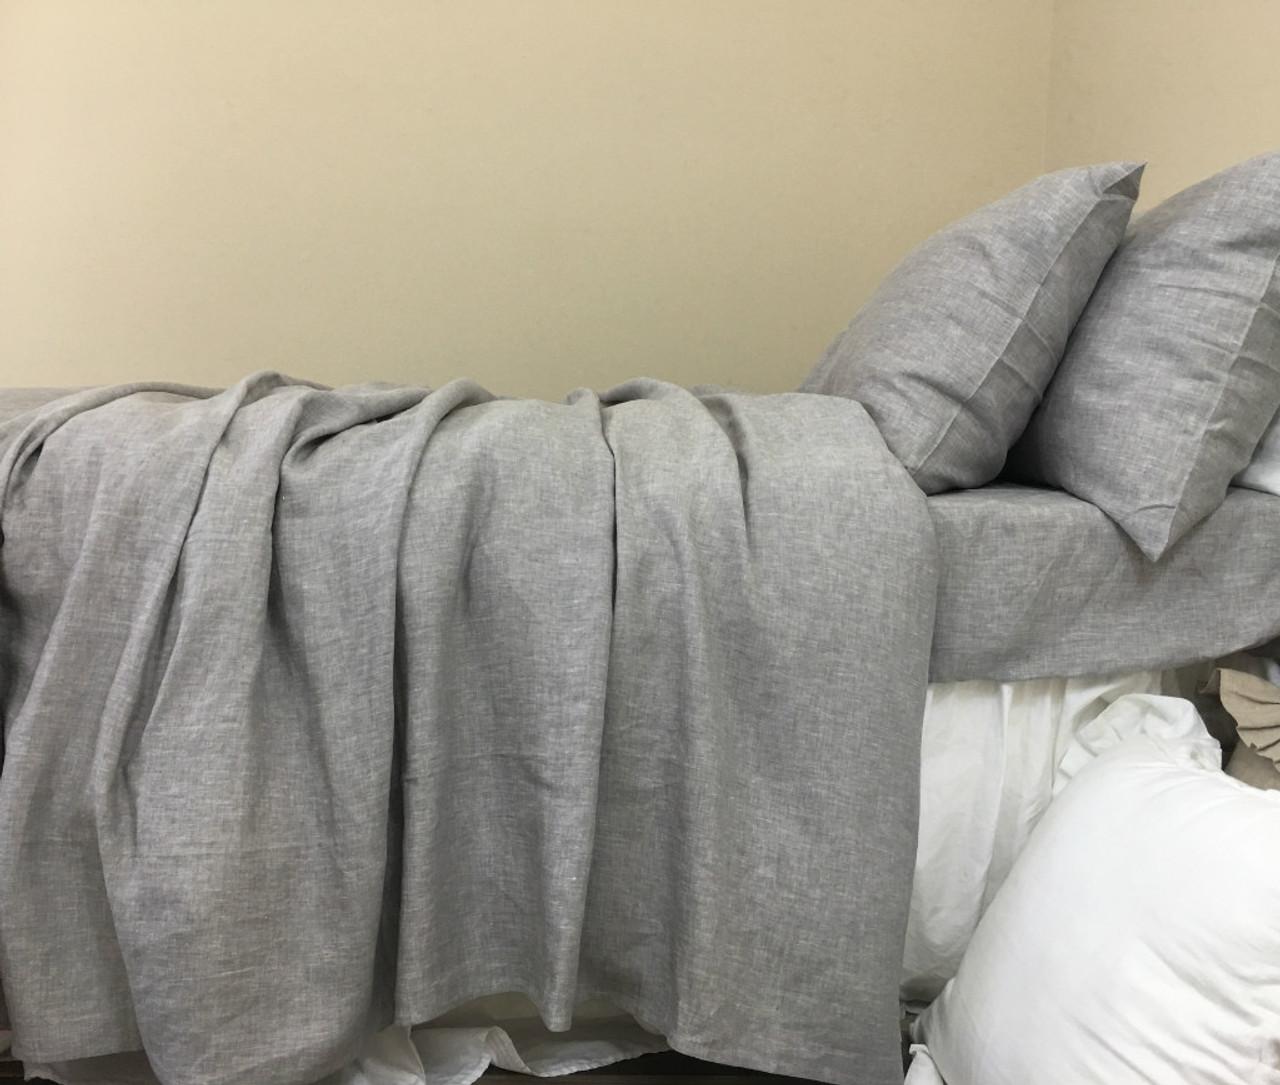 Chambray Graphite Grey Linen Duvet Cover